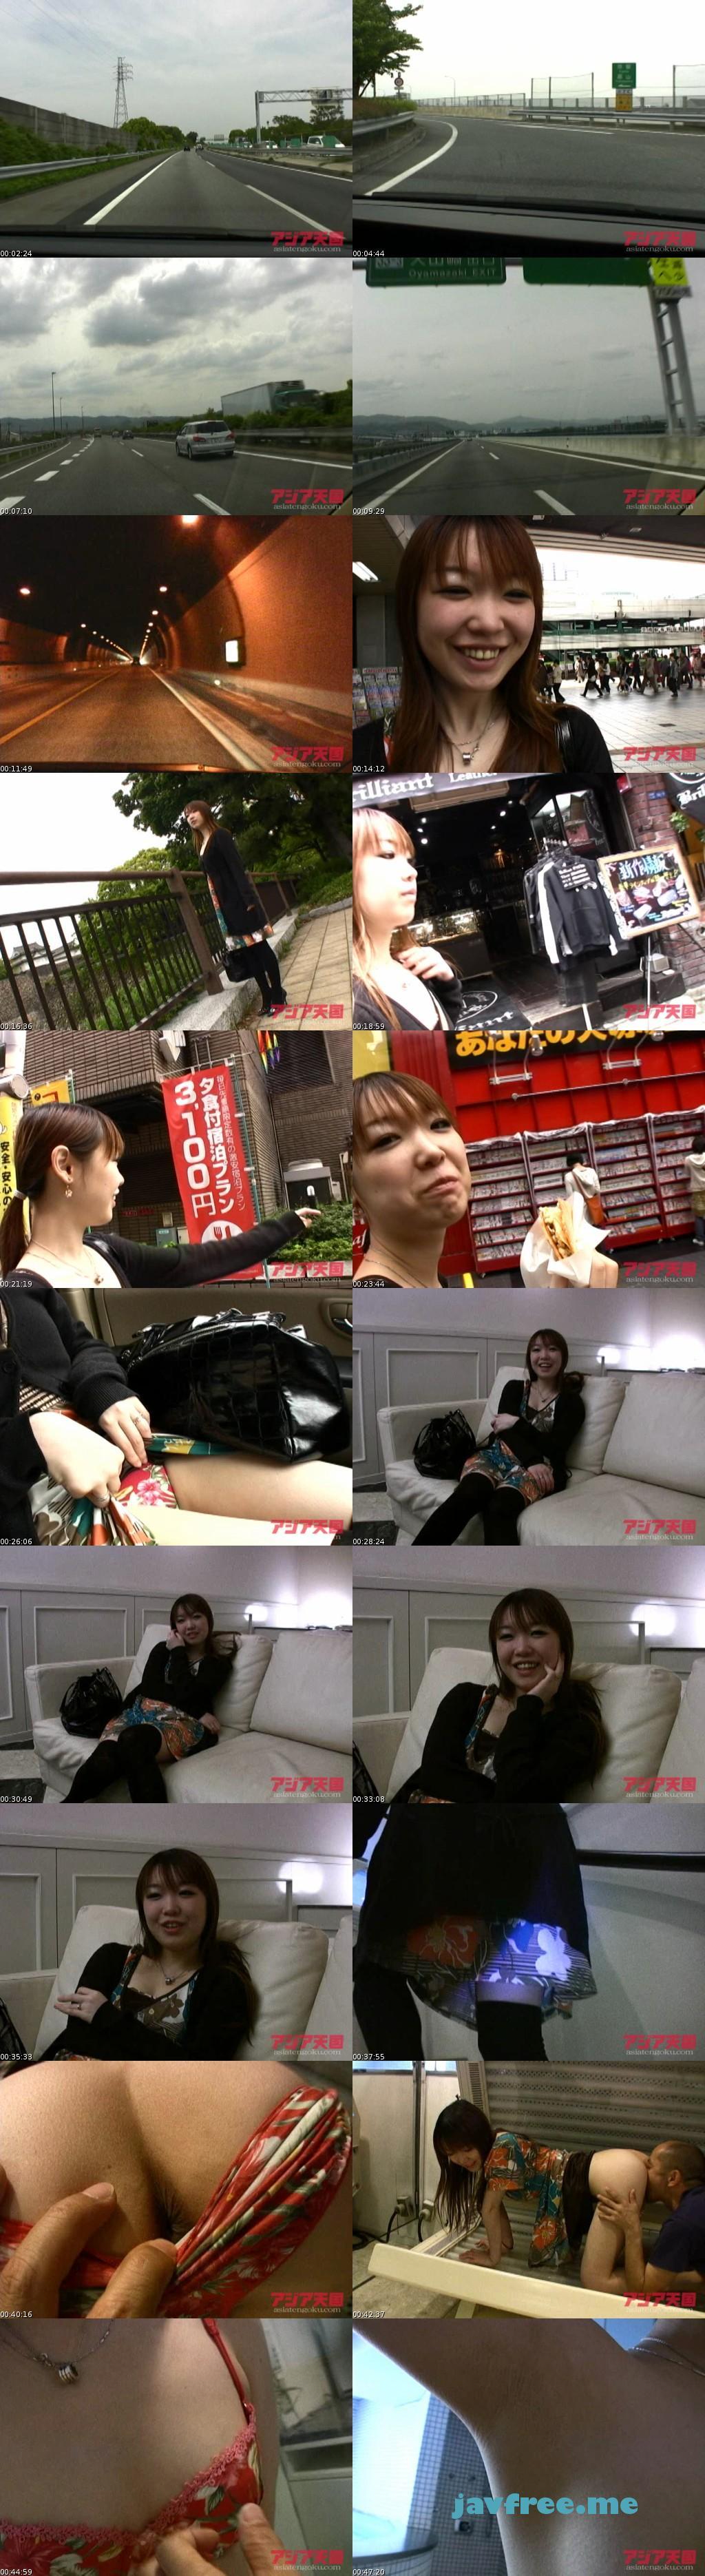 アジア天国 0184 アジア天国 asiatengoku